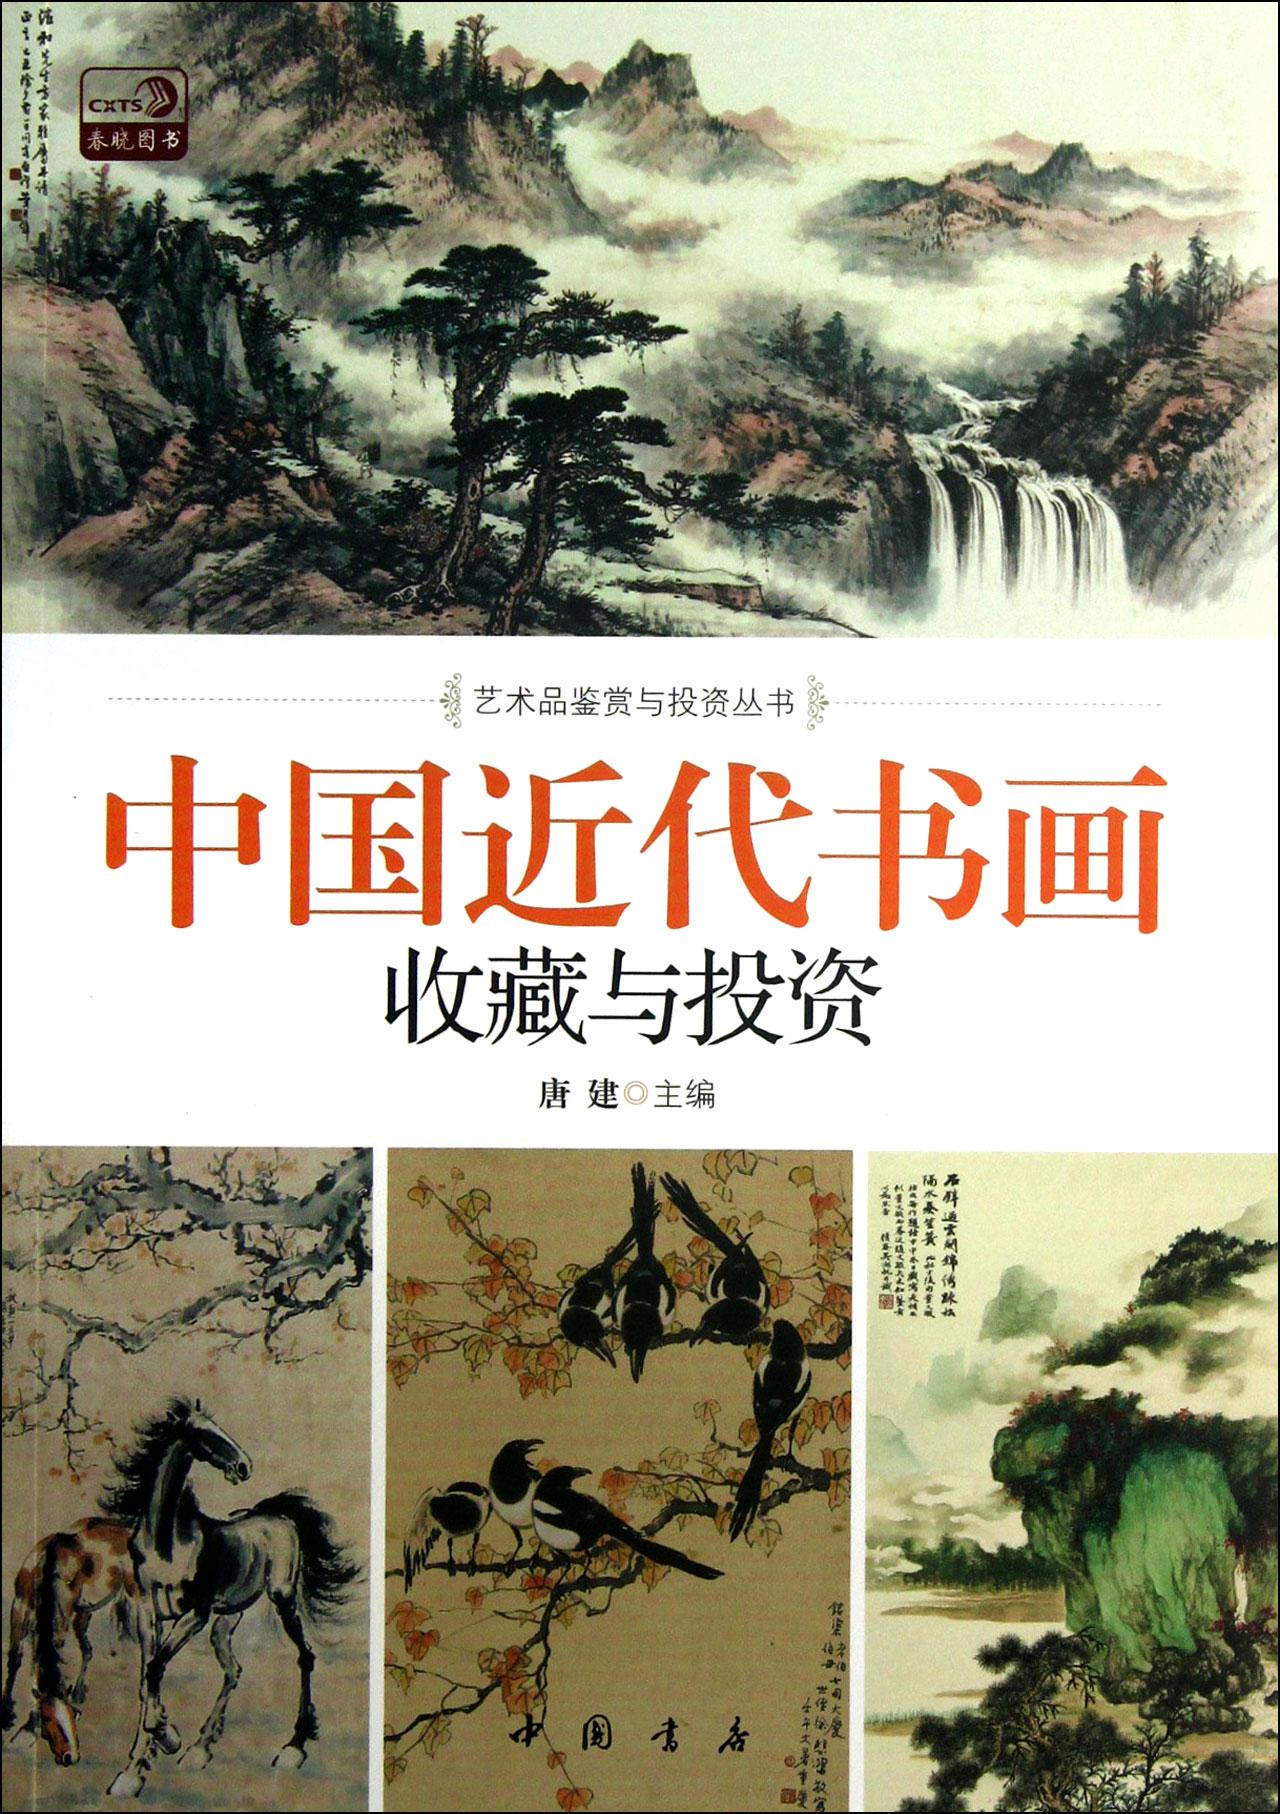 中国近代书画收藏与投资图片